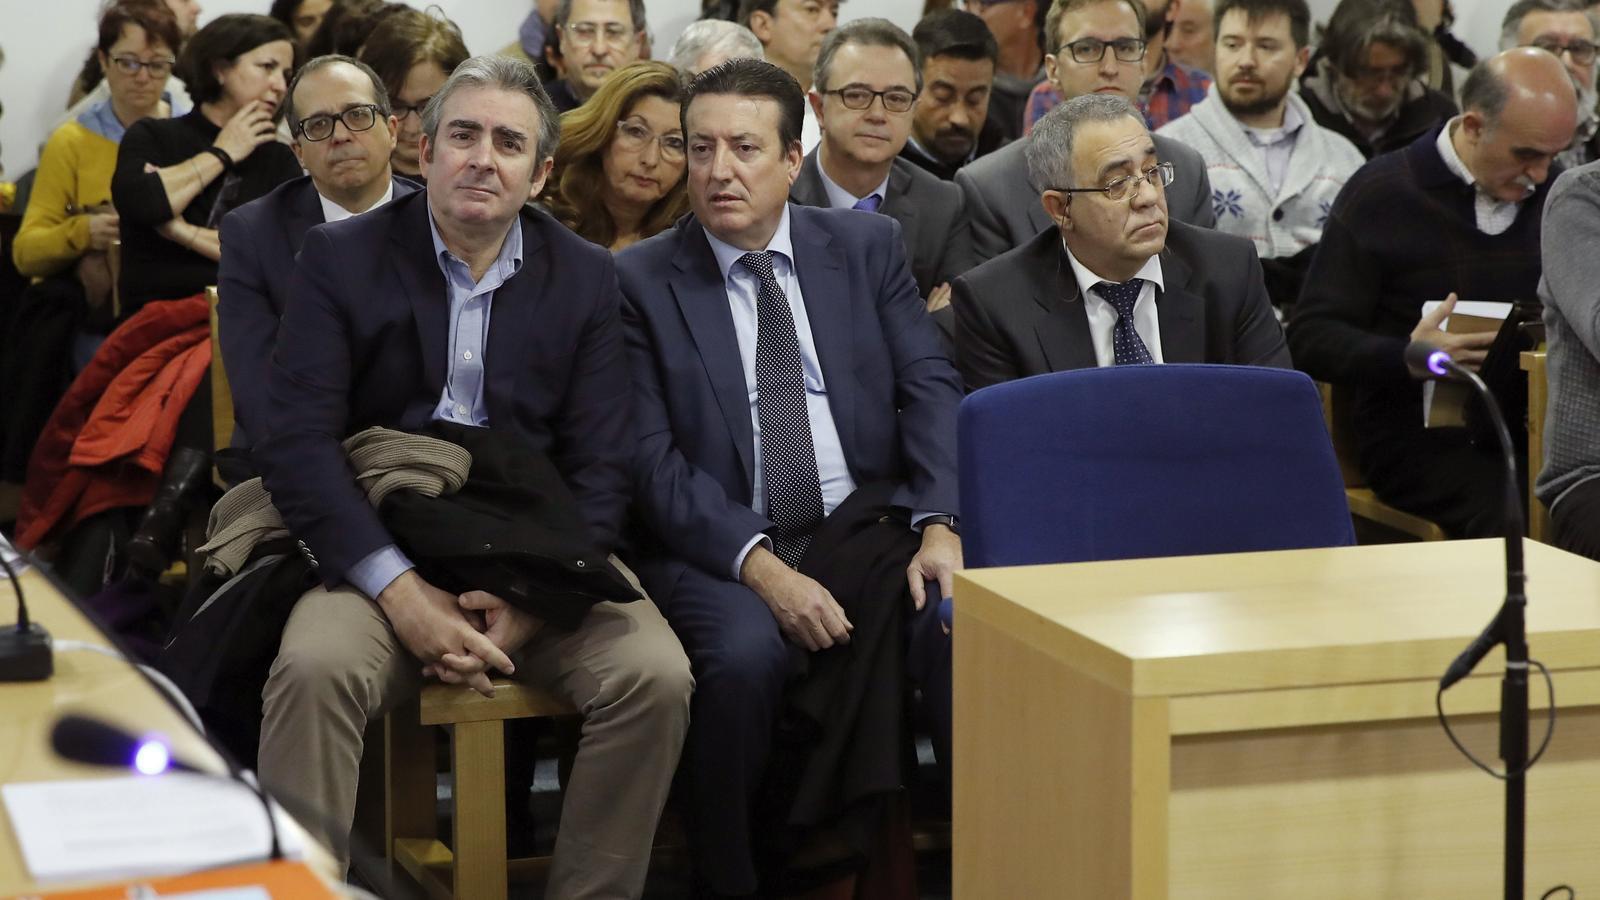 Vista general de la sala de l'Audiència Nacional on avui s'ha celebrat el judici per l'ERO de RTVV. / JUAN CARLOS HIDALGO / EFE